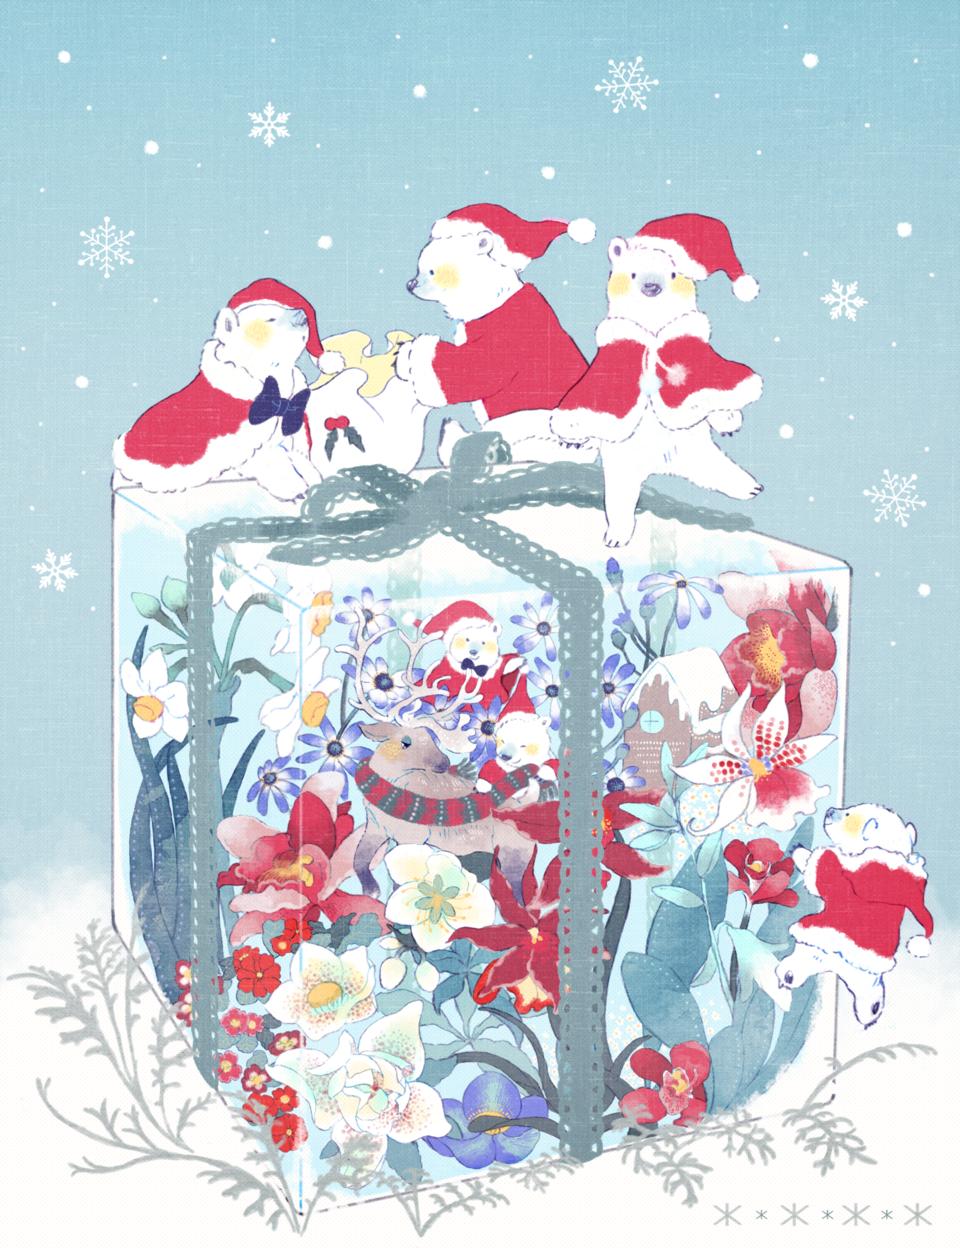 しろくまサンタ Illust of kita December2020_Contest:Santa